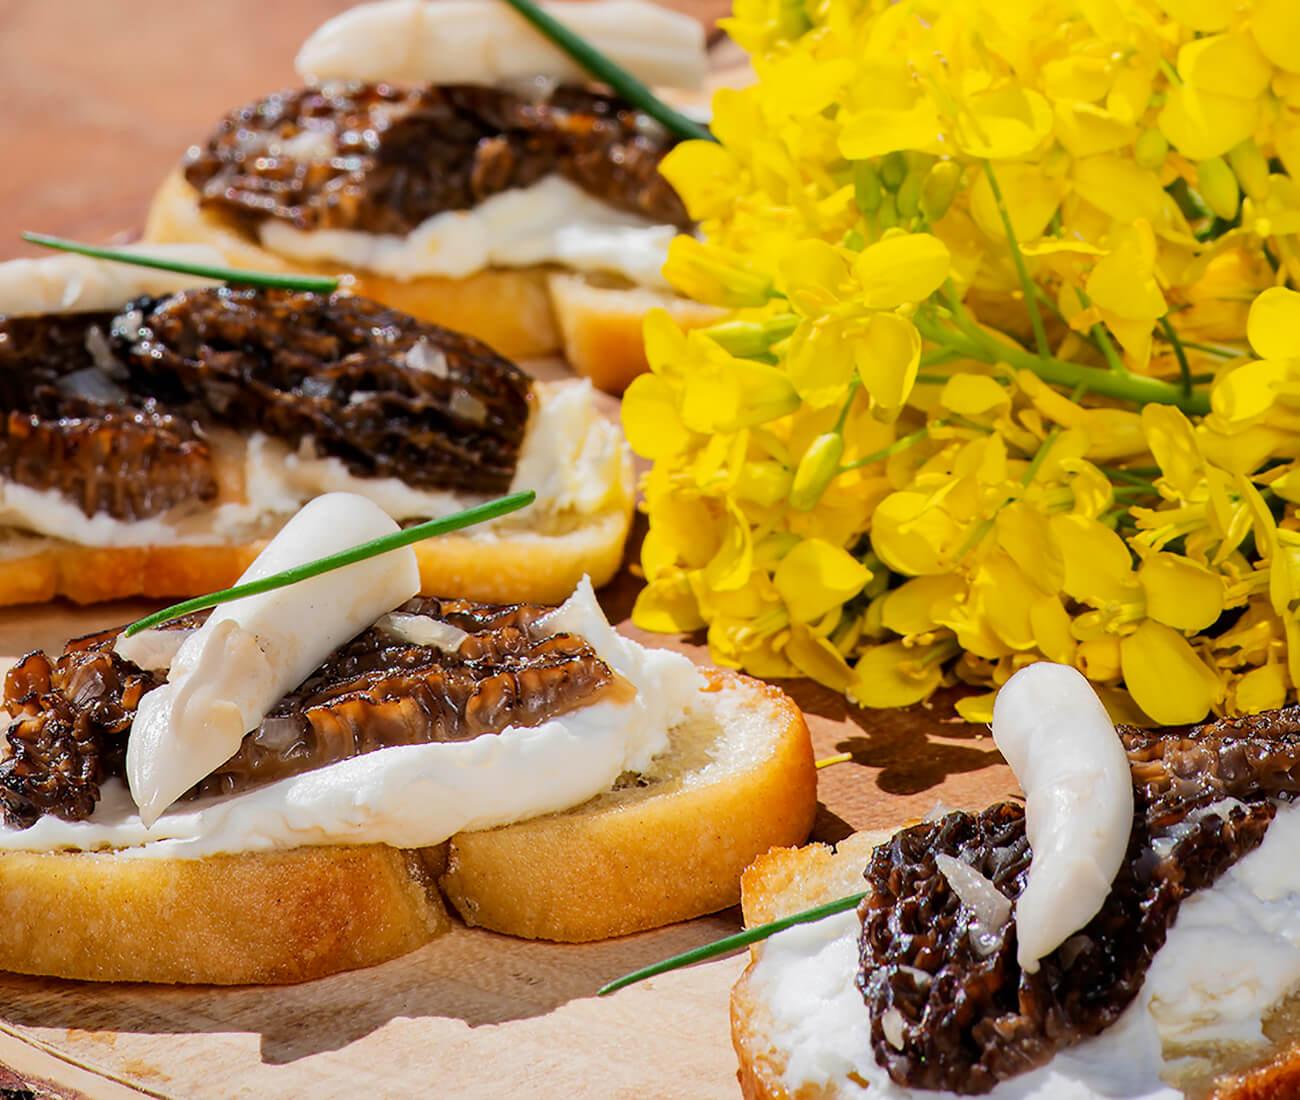 Image for Lemon Ricotta Crostini with Morel Duxelles & Pickled White Asparagus